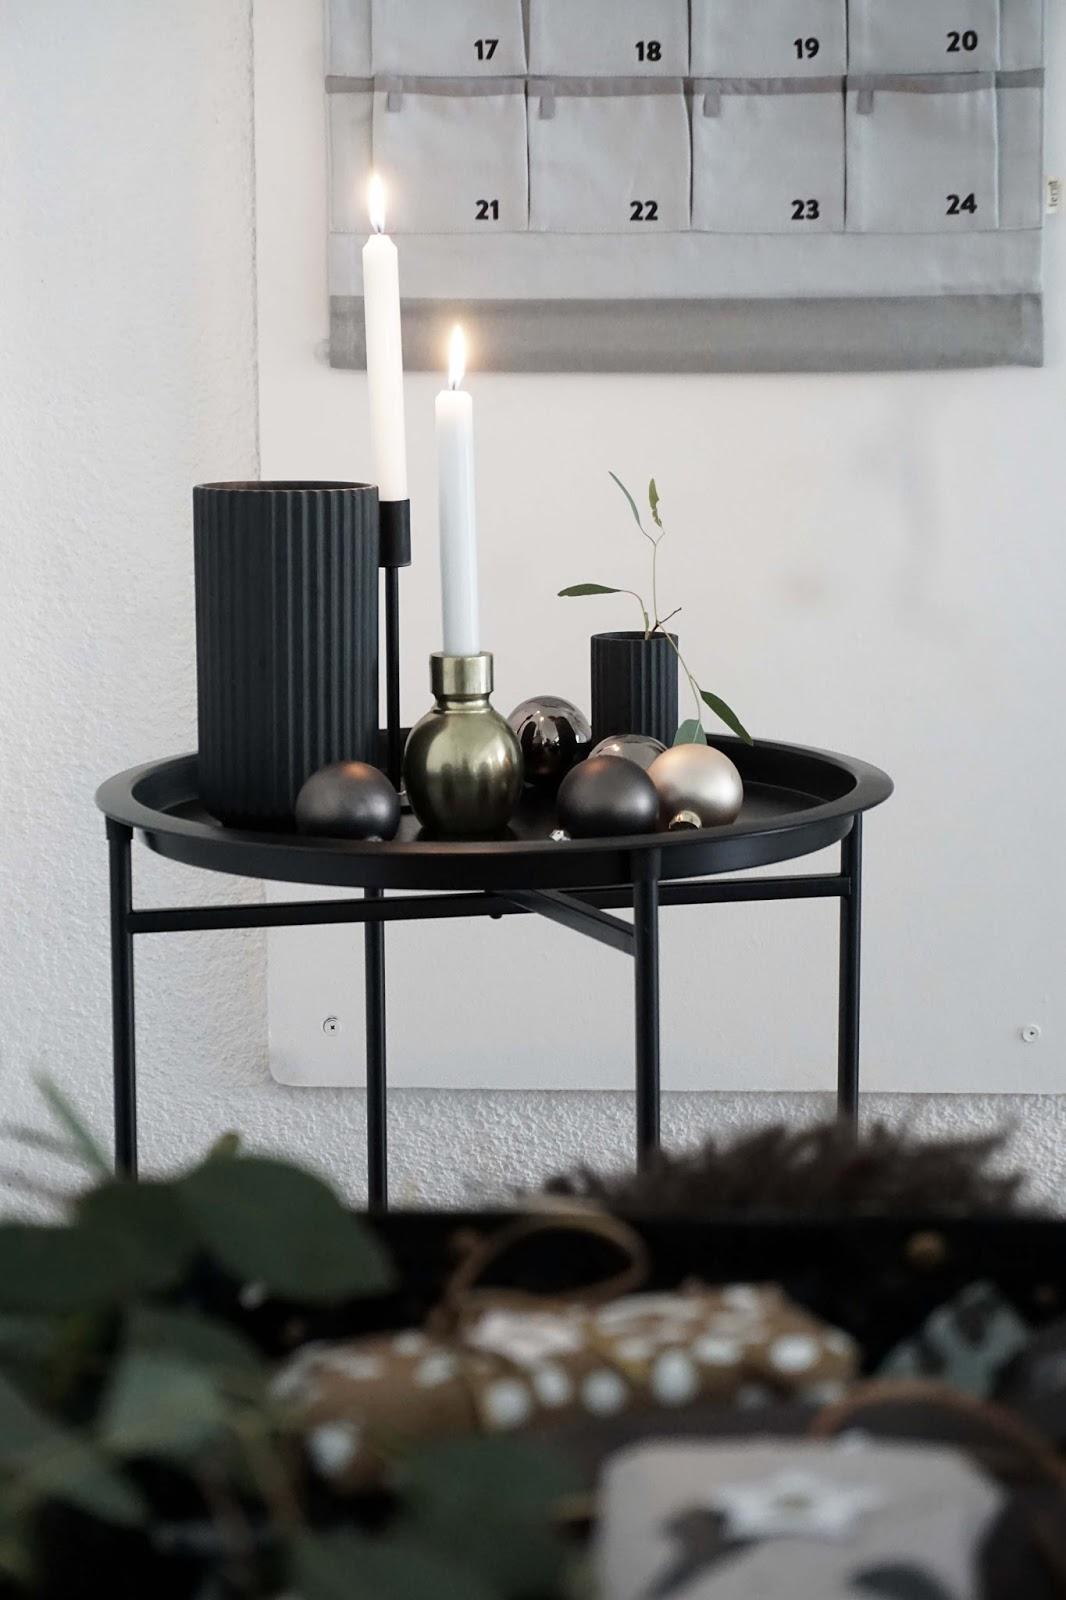 adventskalender s t i l r e i c h blog. Black Bedroom Furniture Sets. Home Design Ideas